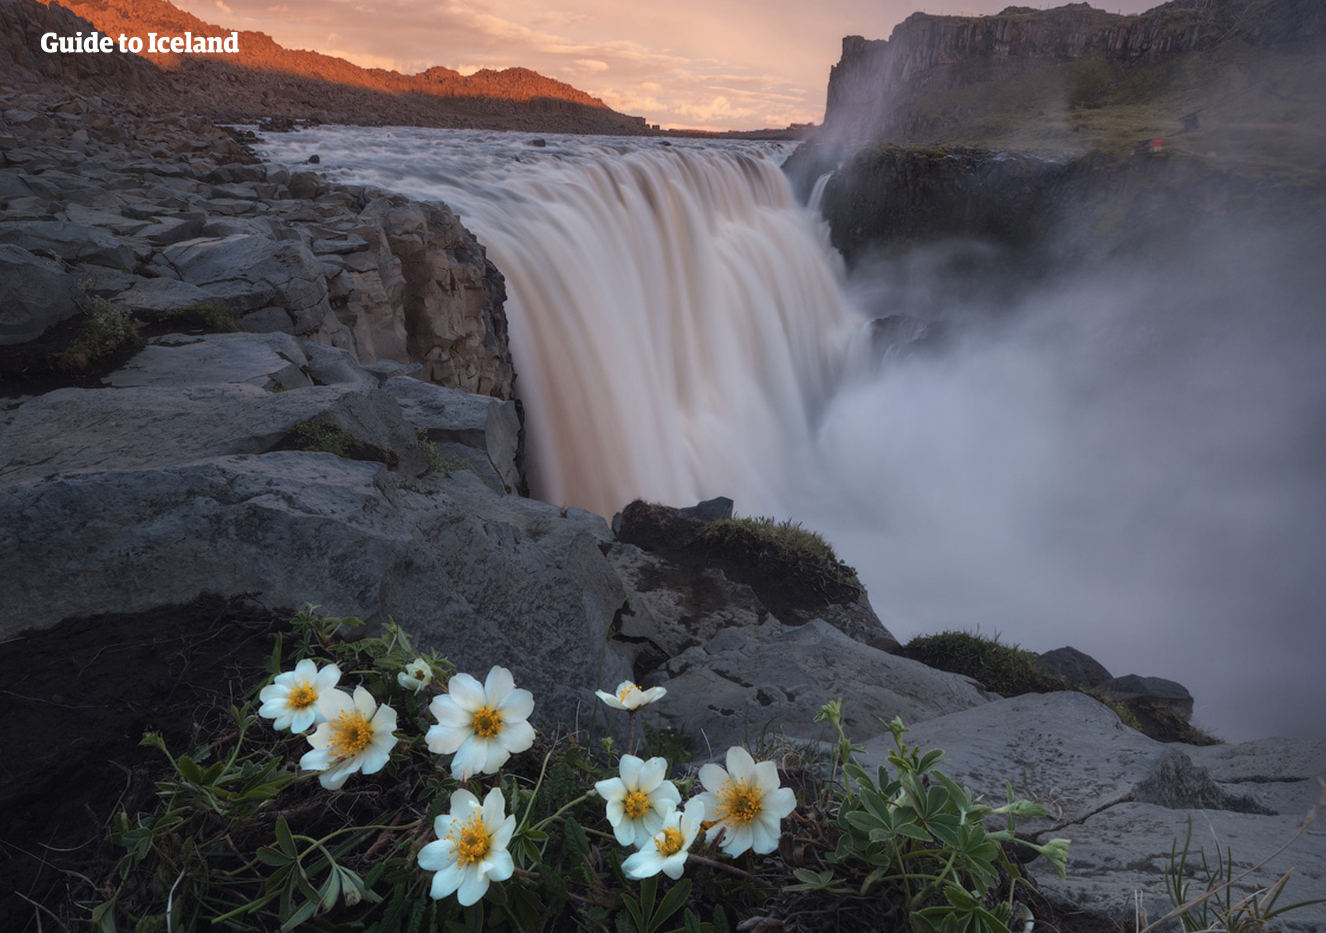 아이슬란드에서 유량이 가장 센 데티포스는 북부 아이슬란드에서 감상할 수 있습니다.